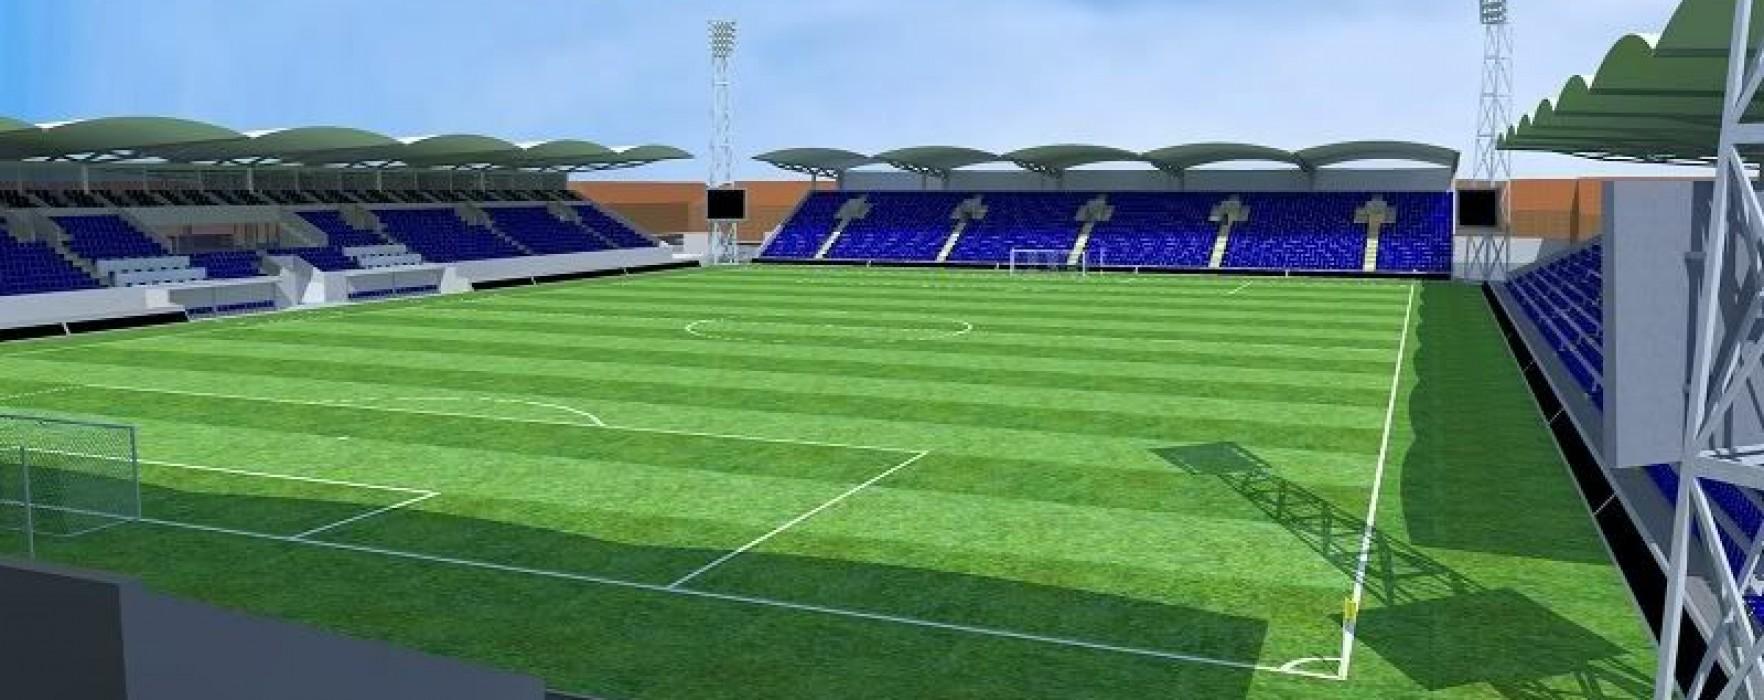 Adrian Ţuţuianu: Sper ca anul acesta să demareze construirea unui stadion la Târgovişte